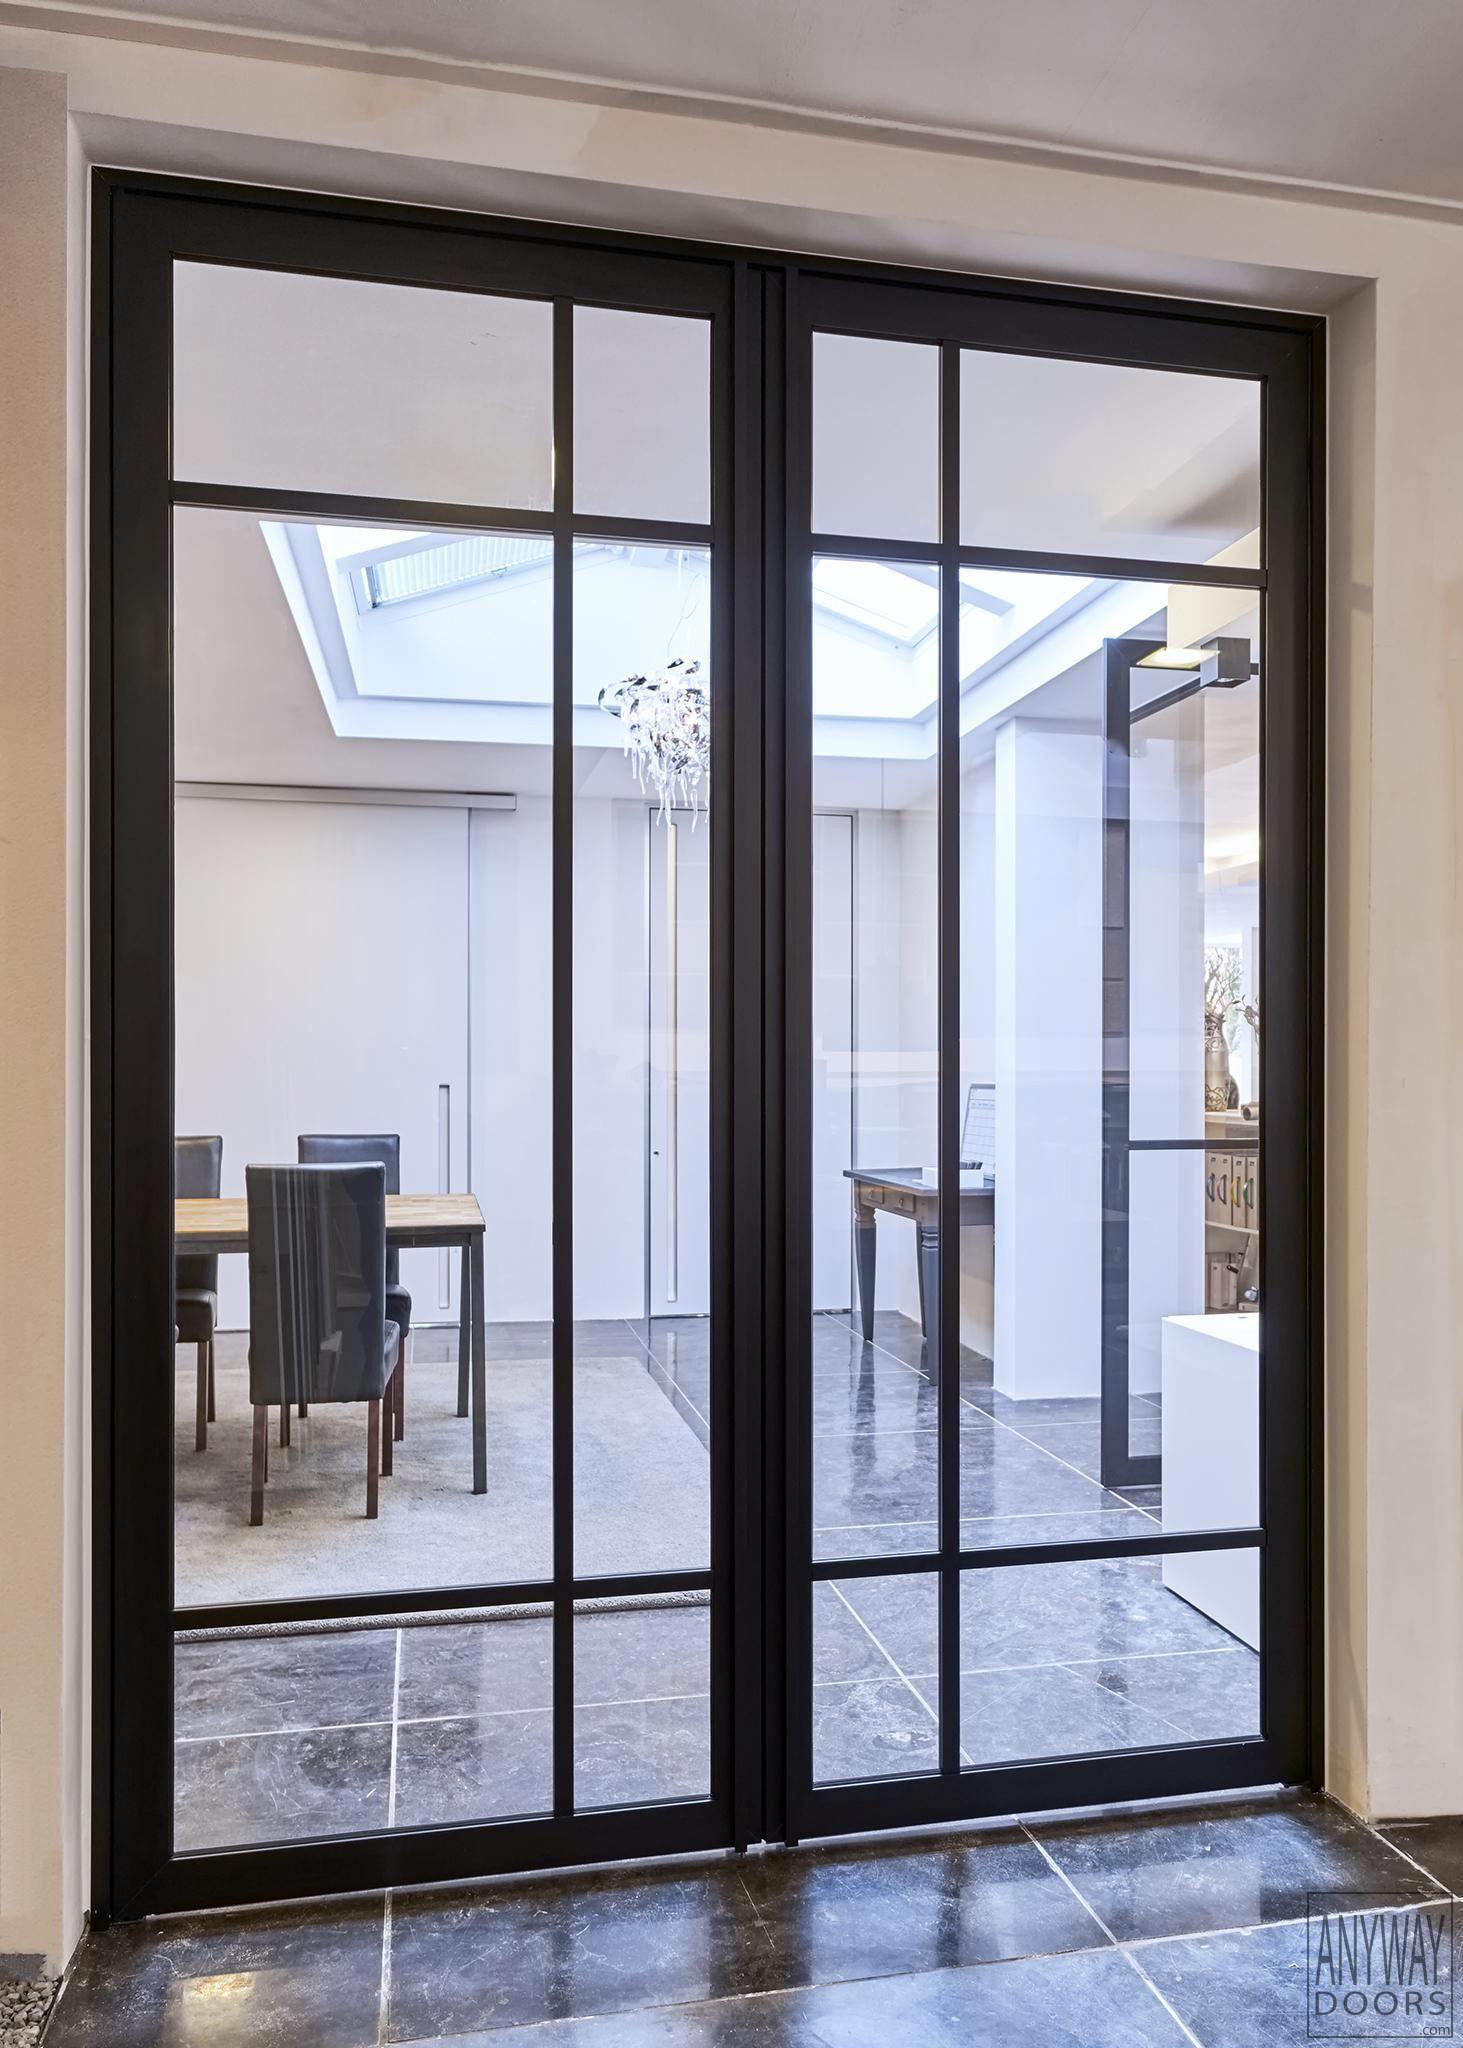 Folding Closet Doors External Front Doors Indoor Glass Double Doors 20190417 Doors Interior Modern French Doors Interior Double Doors Interior